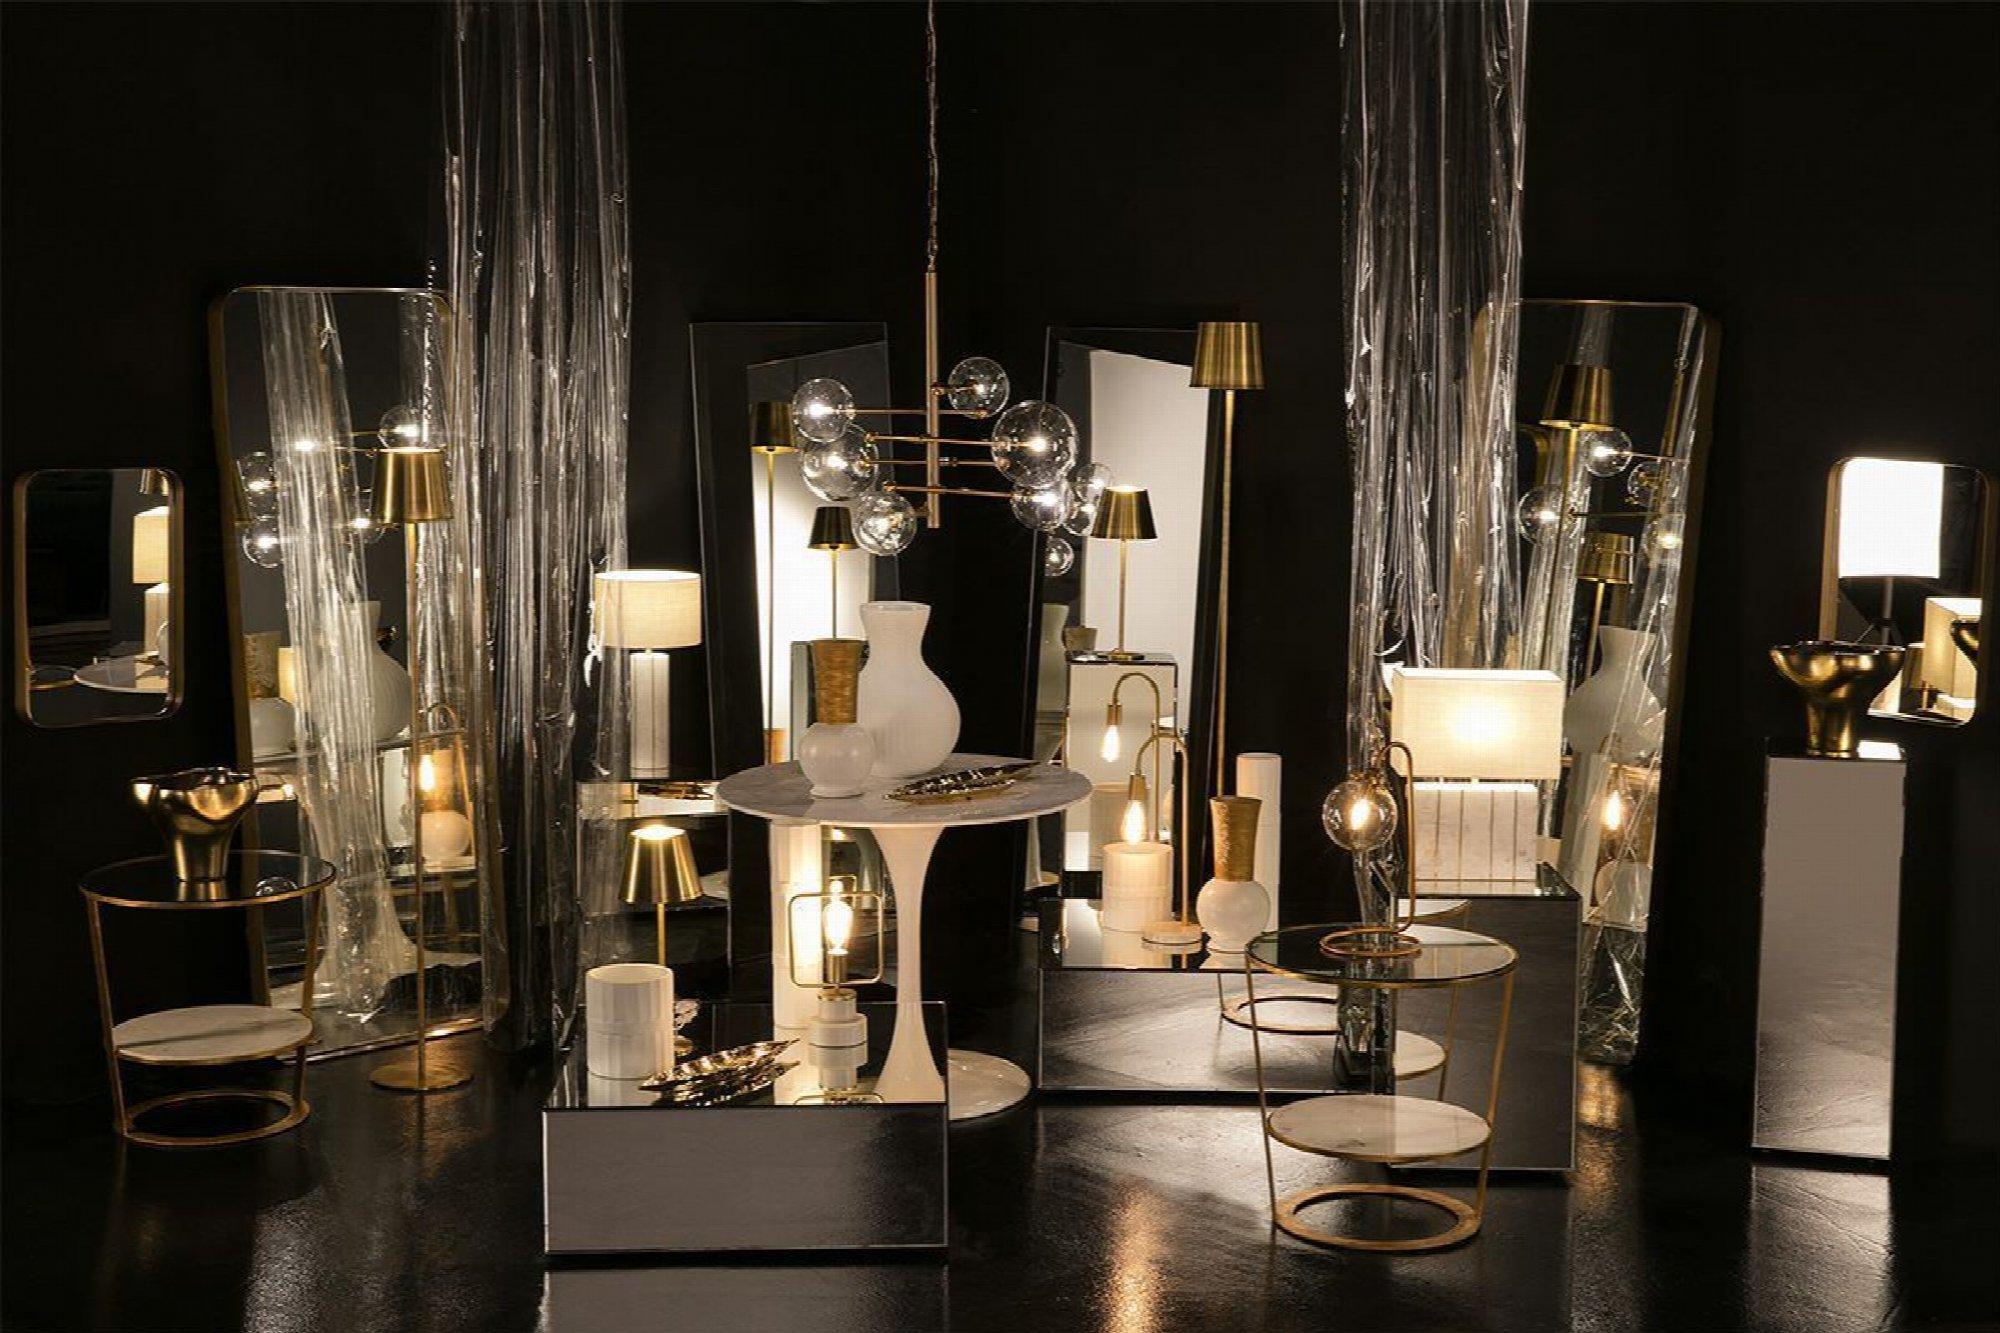 Lampe de Table en métal doré 13 x 13 x 39